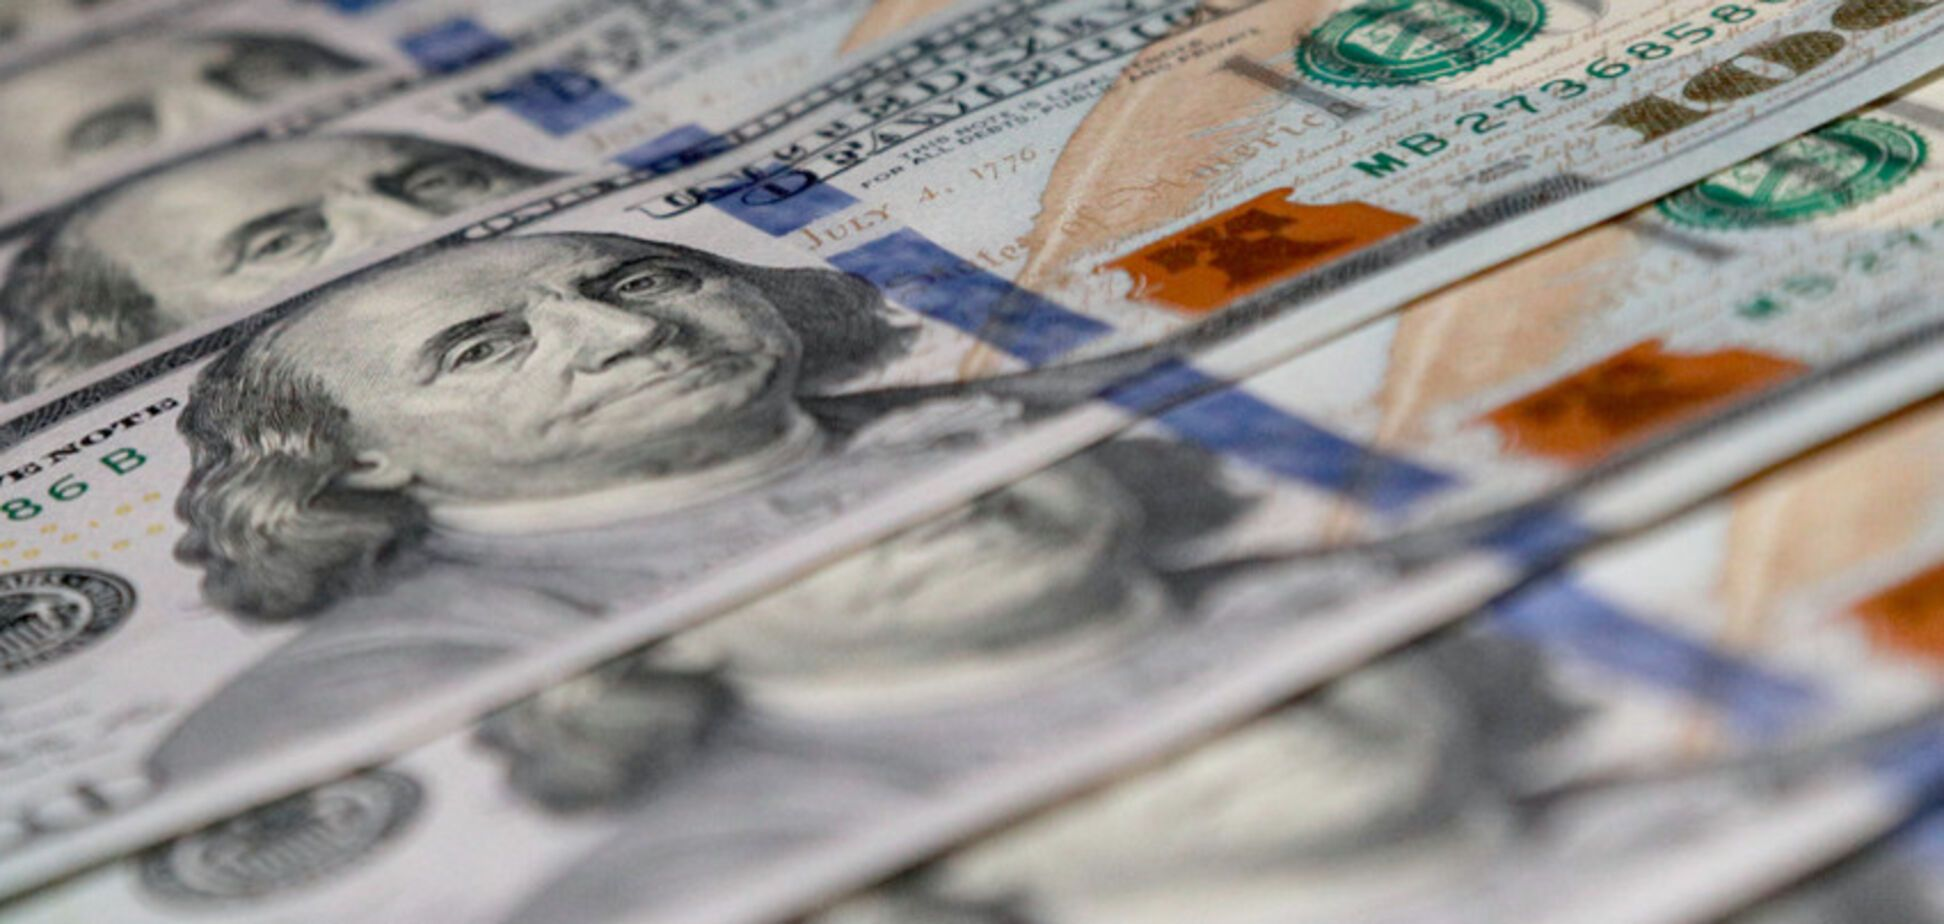 Закон про валюту в Україні: фінансист розповів про ризики